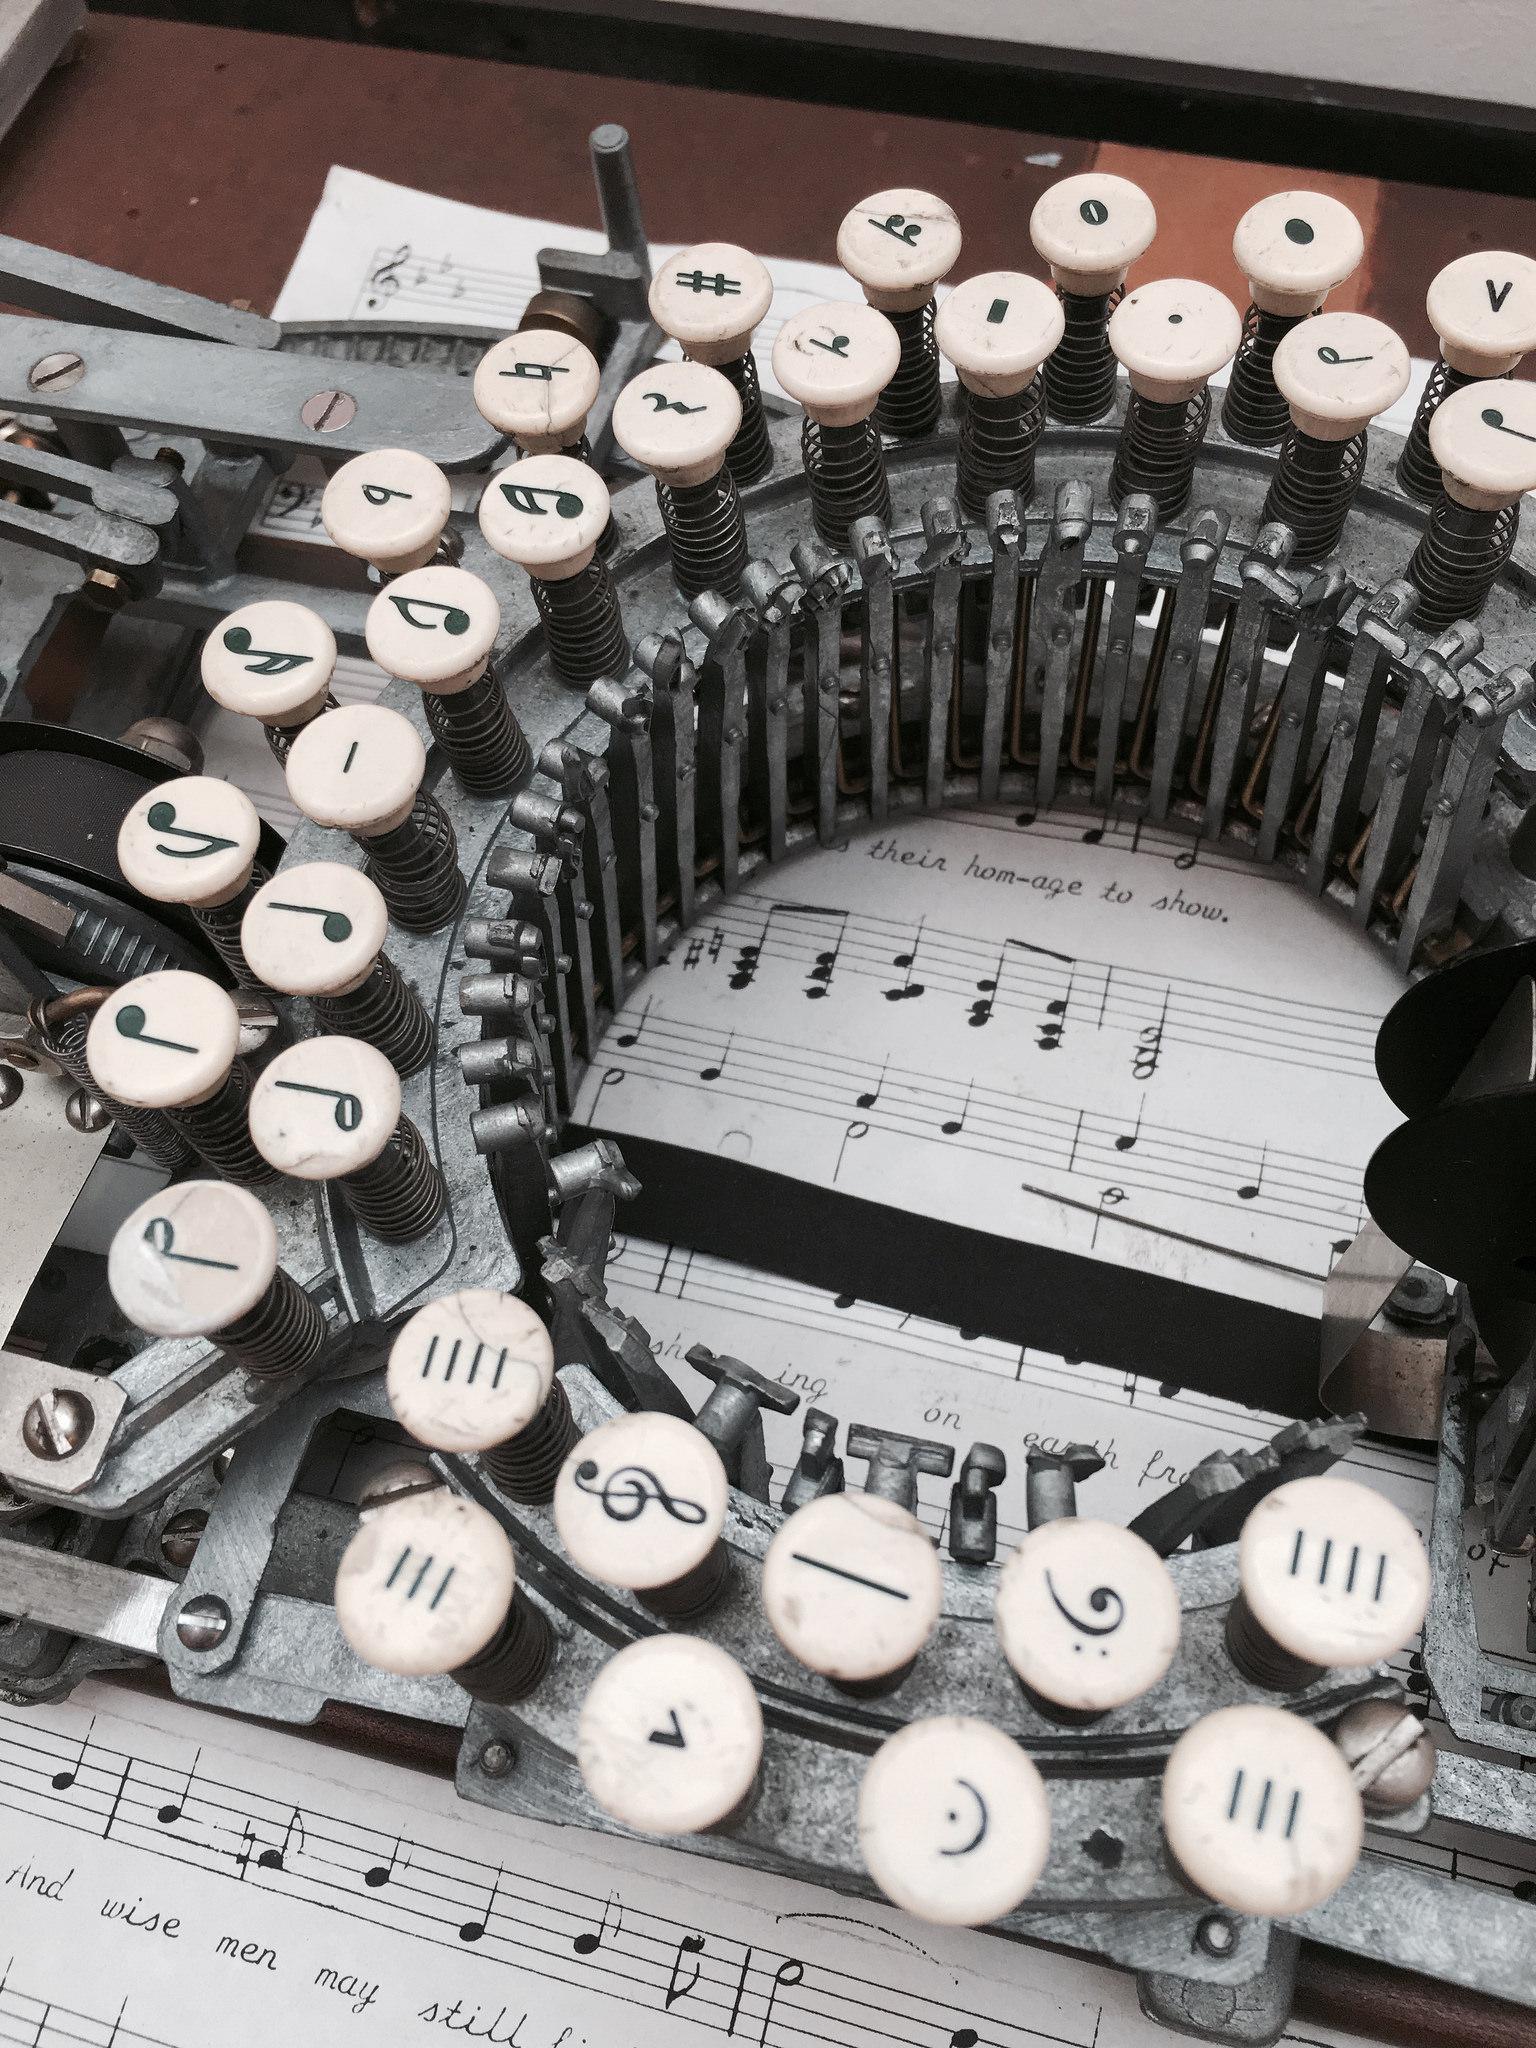 muziektypemachine